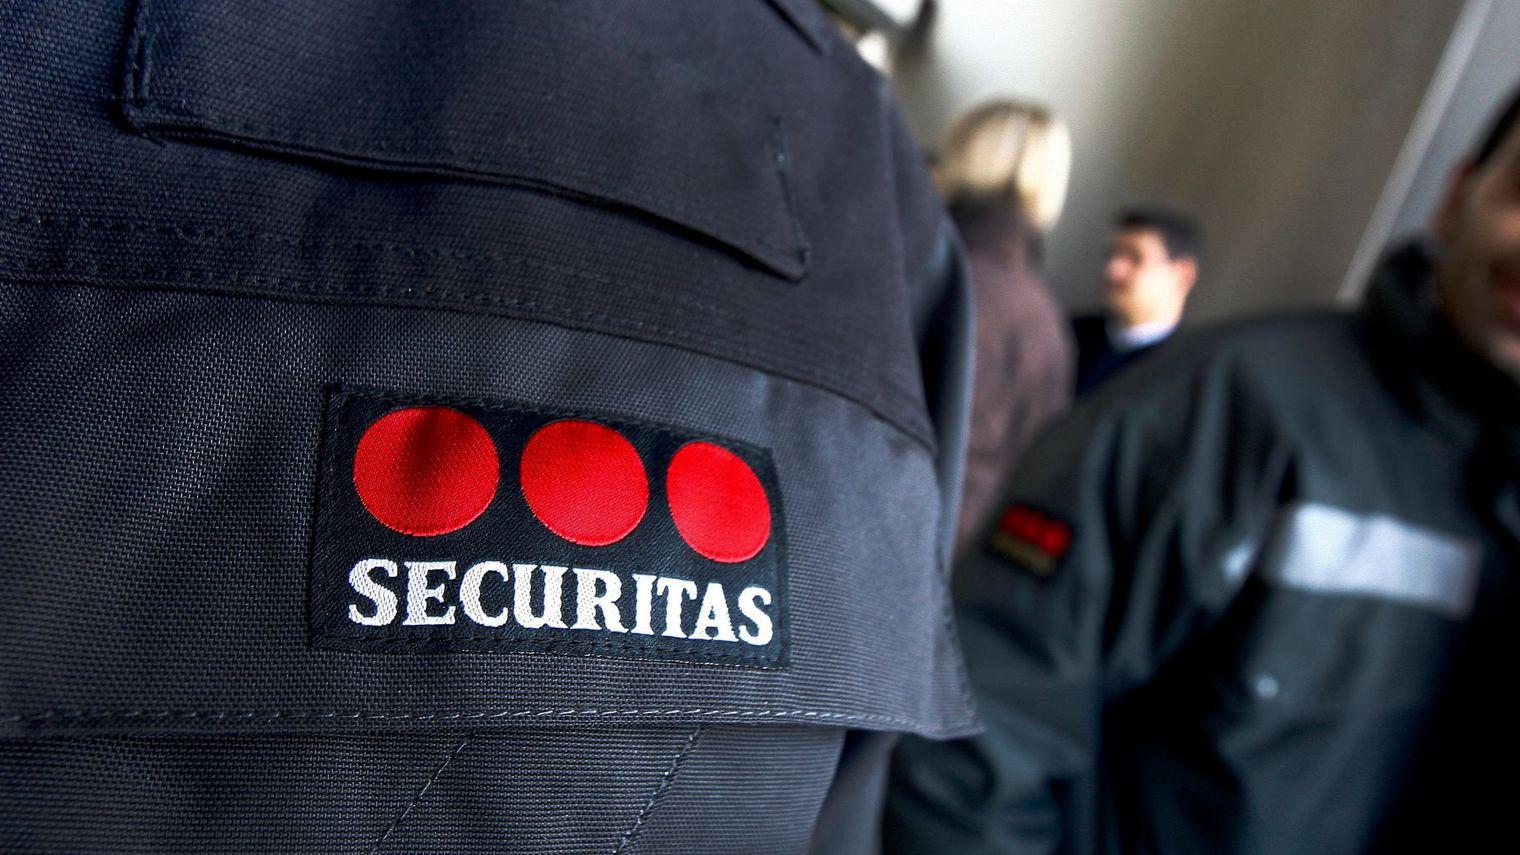 Licenciés par Securitas pour leur barbe? Les prud'hommes ne se prononcent pas